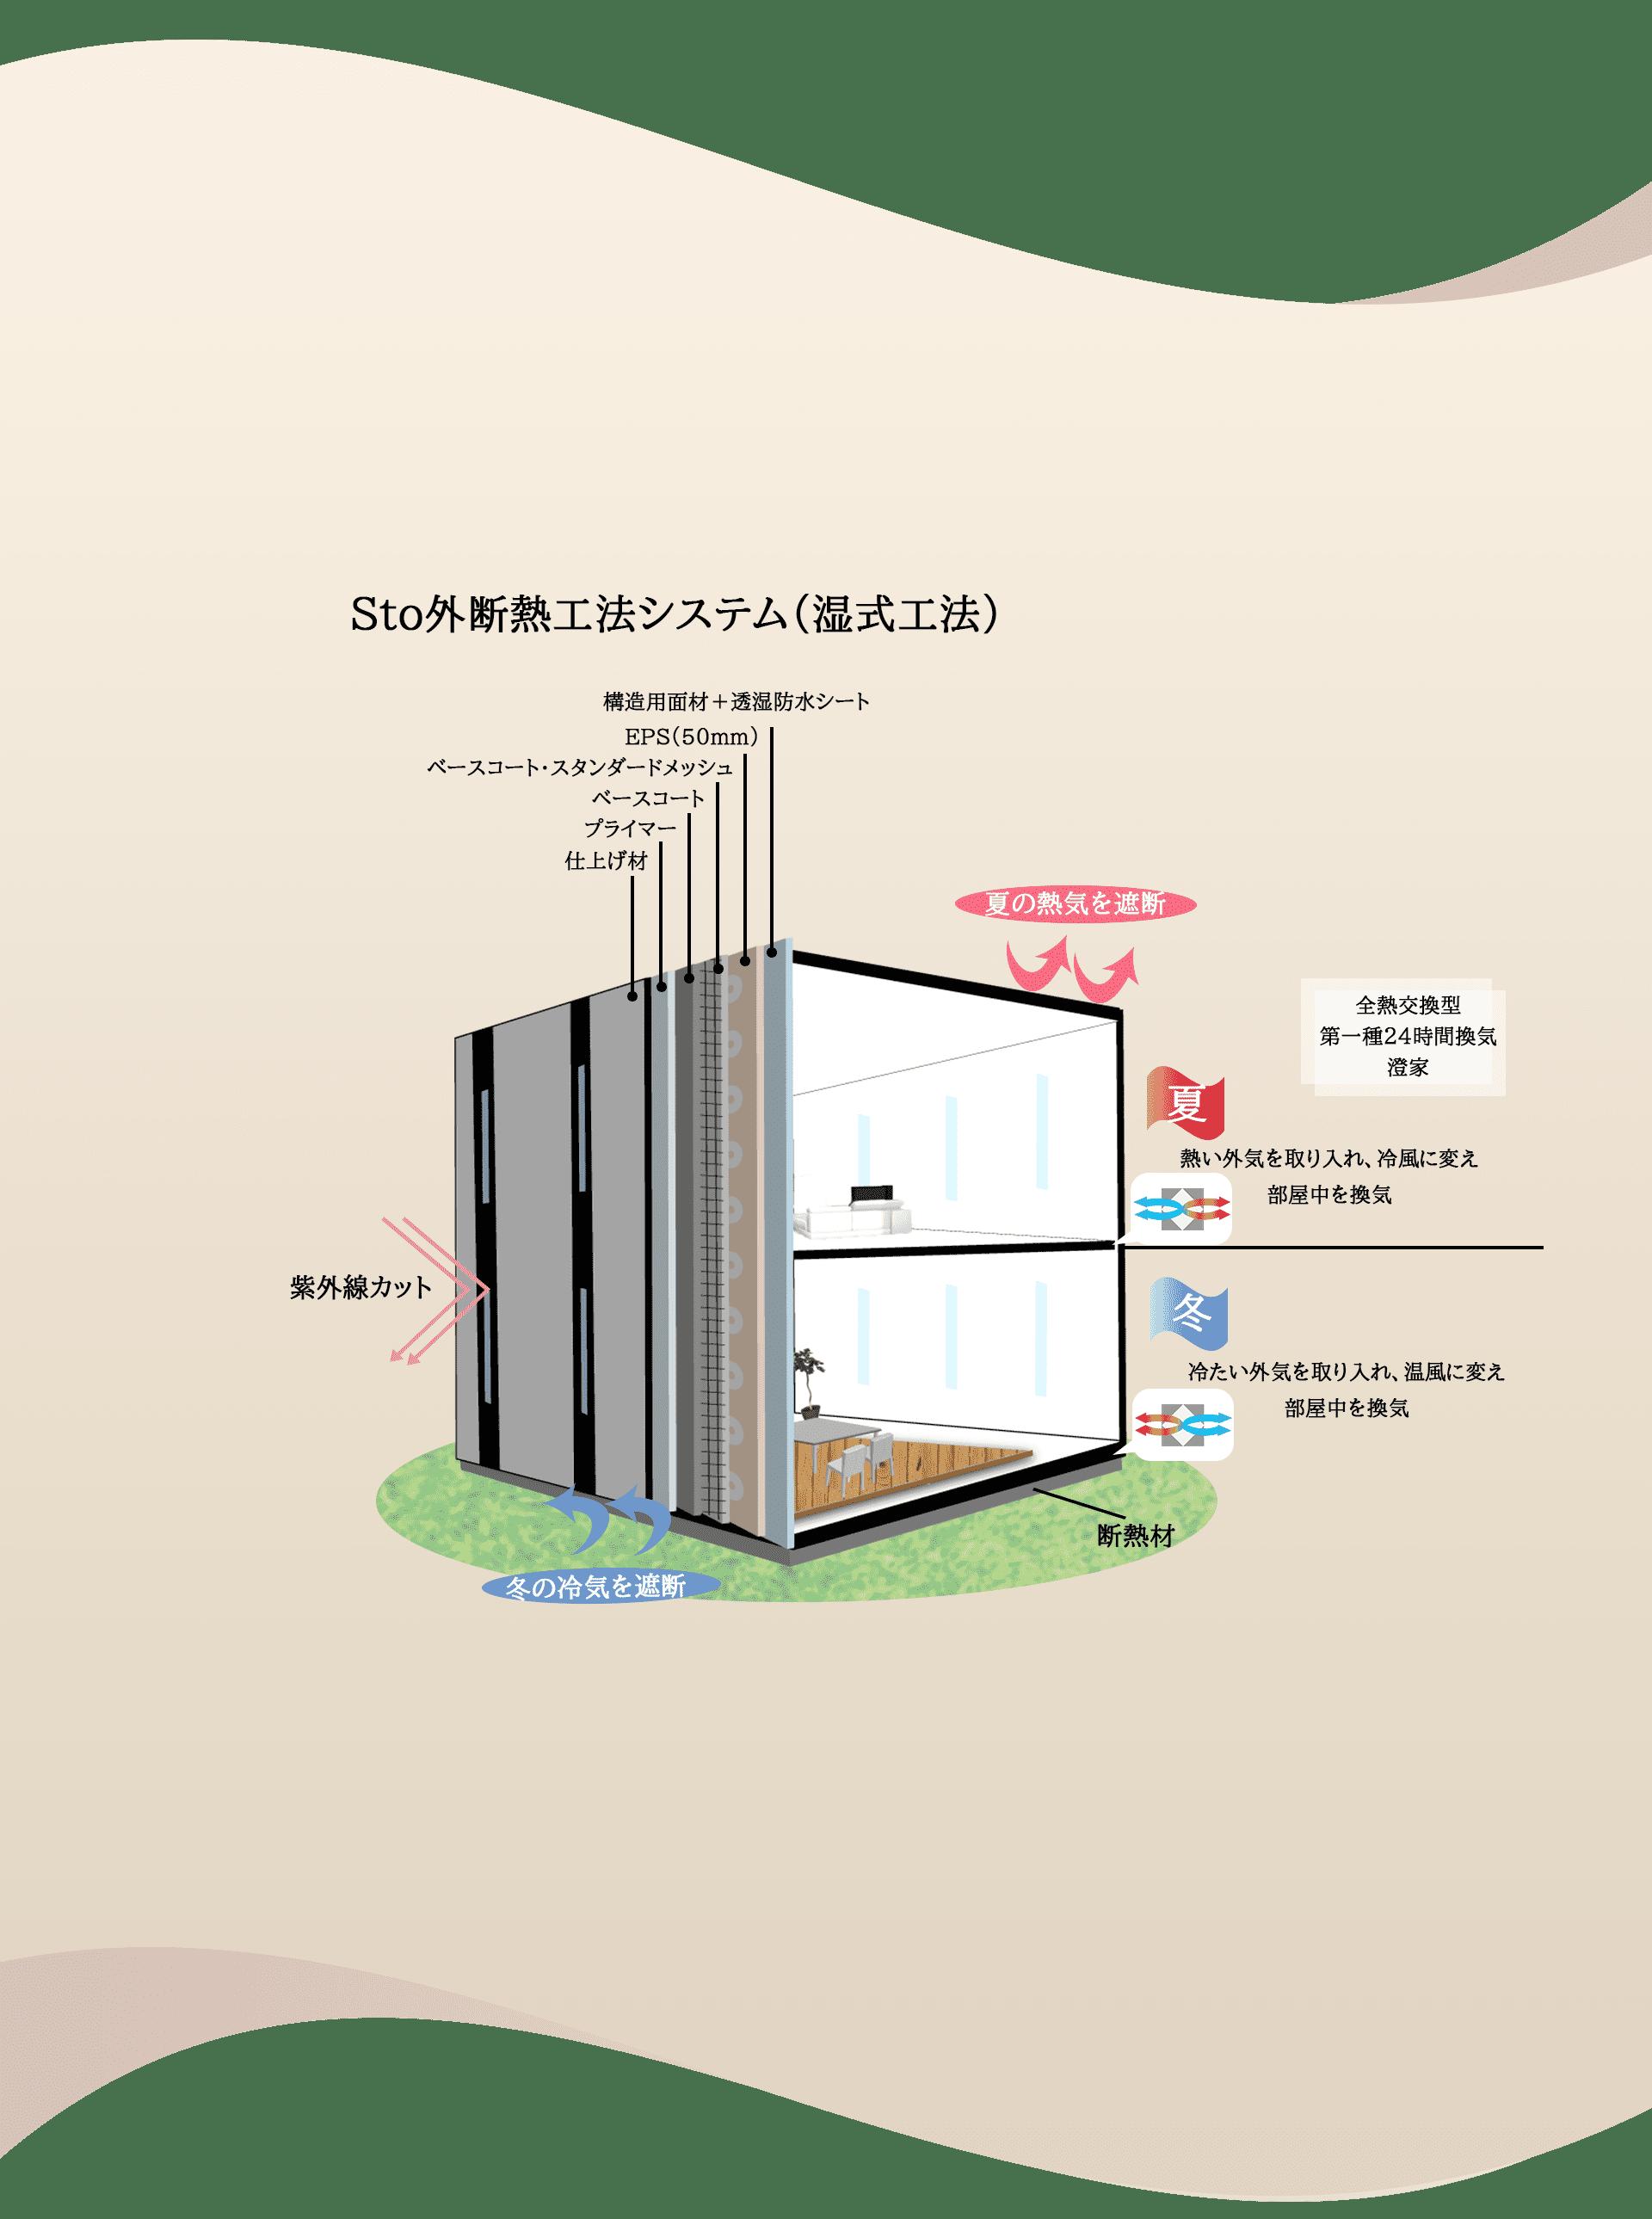 ラックハウジングの家づくり-特徴とご提案